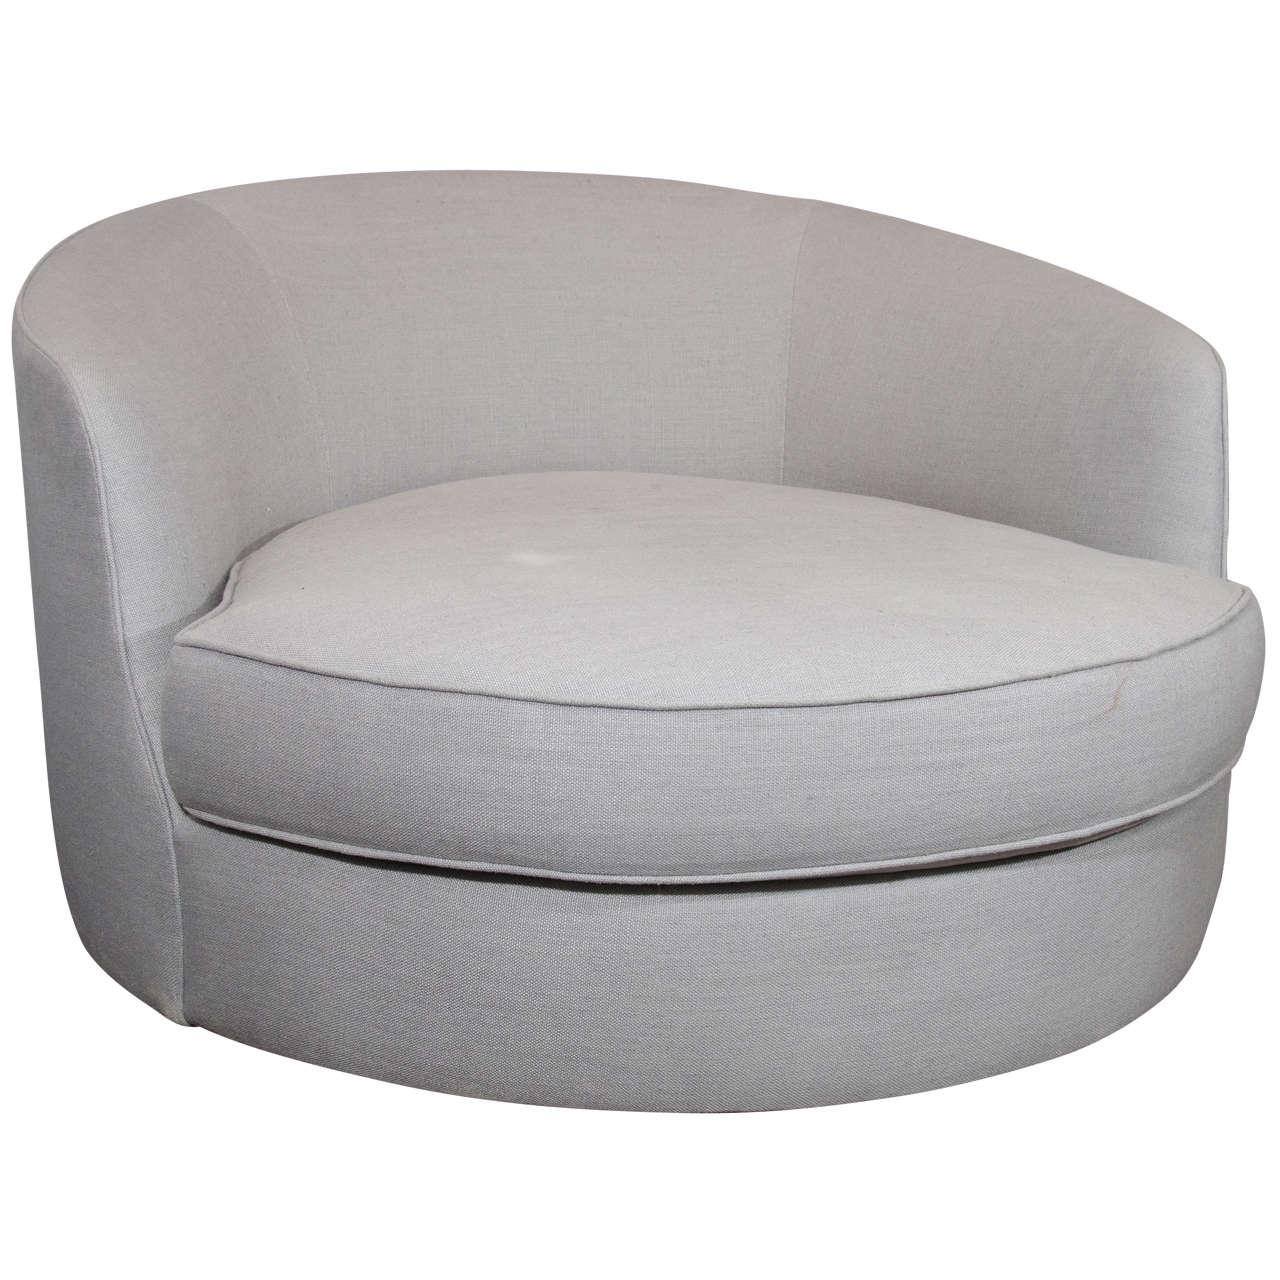 1960s milo baughman tub chair for sale at 1stdibs tub chair gullane furniture